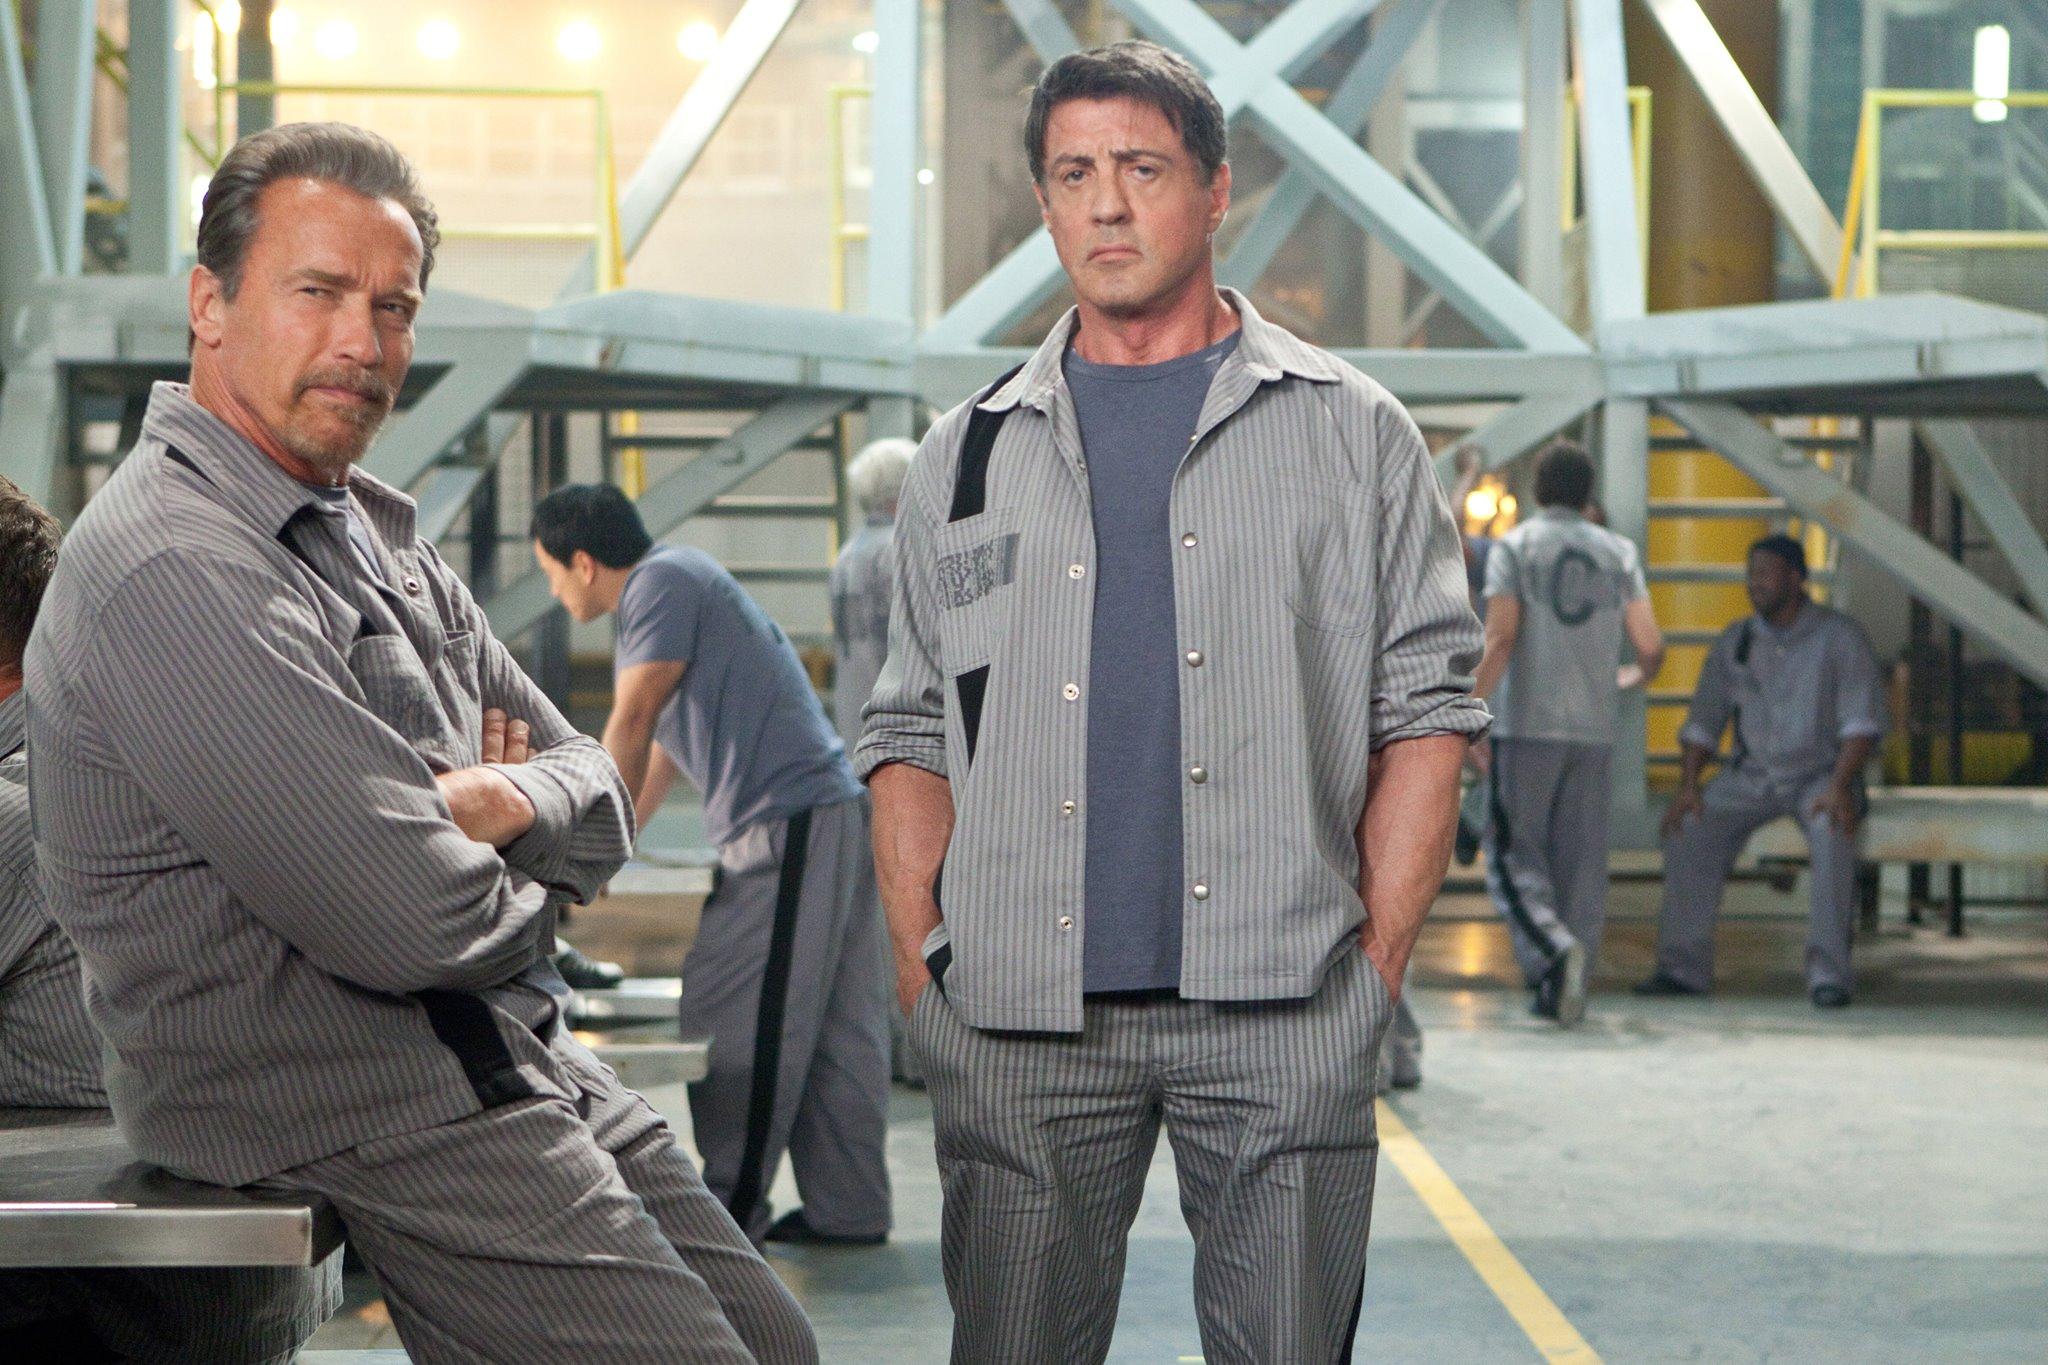 Sylvester Stallone and Arnold Schwarzen  egger in  Escape Plan